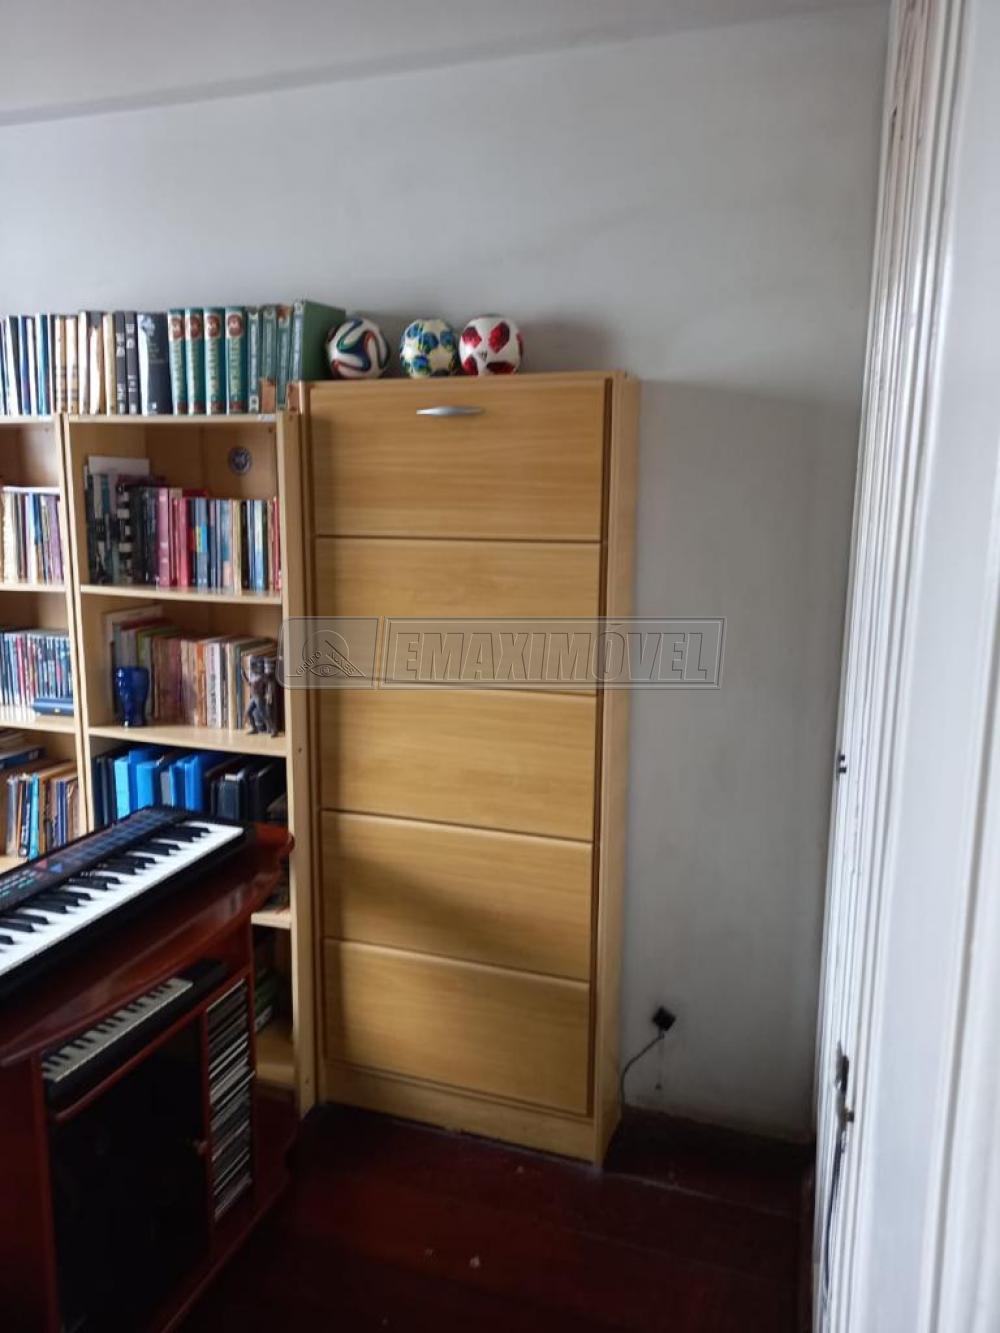 Comprar Apartamento / Padrão em Sorocaba R$ 210.000,00 - Foto 2